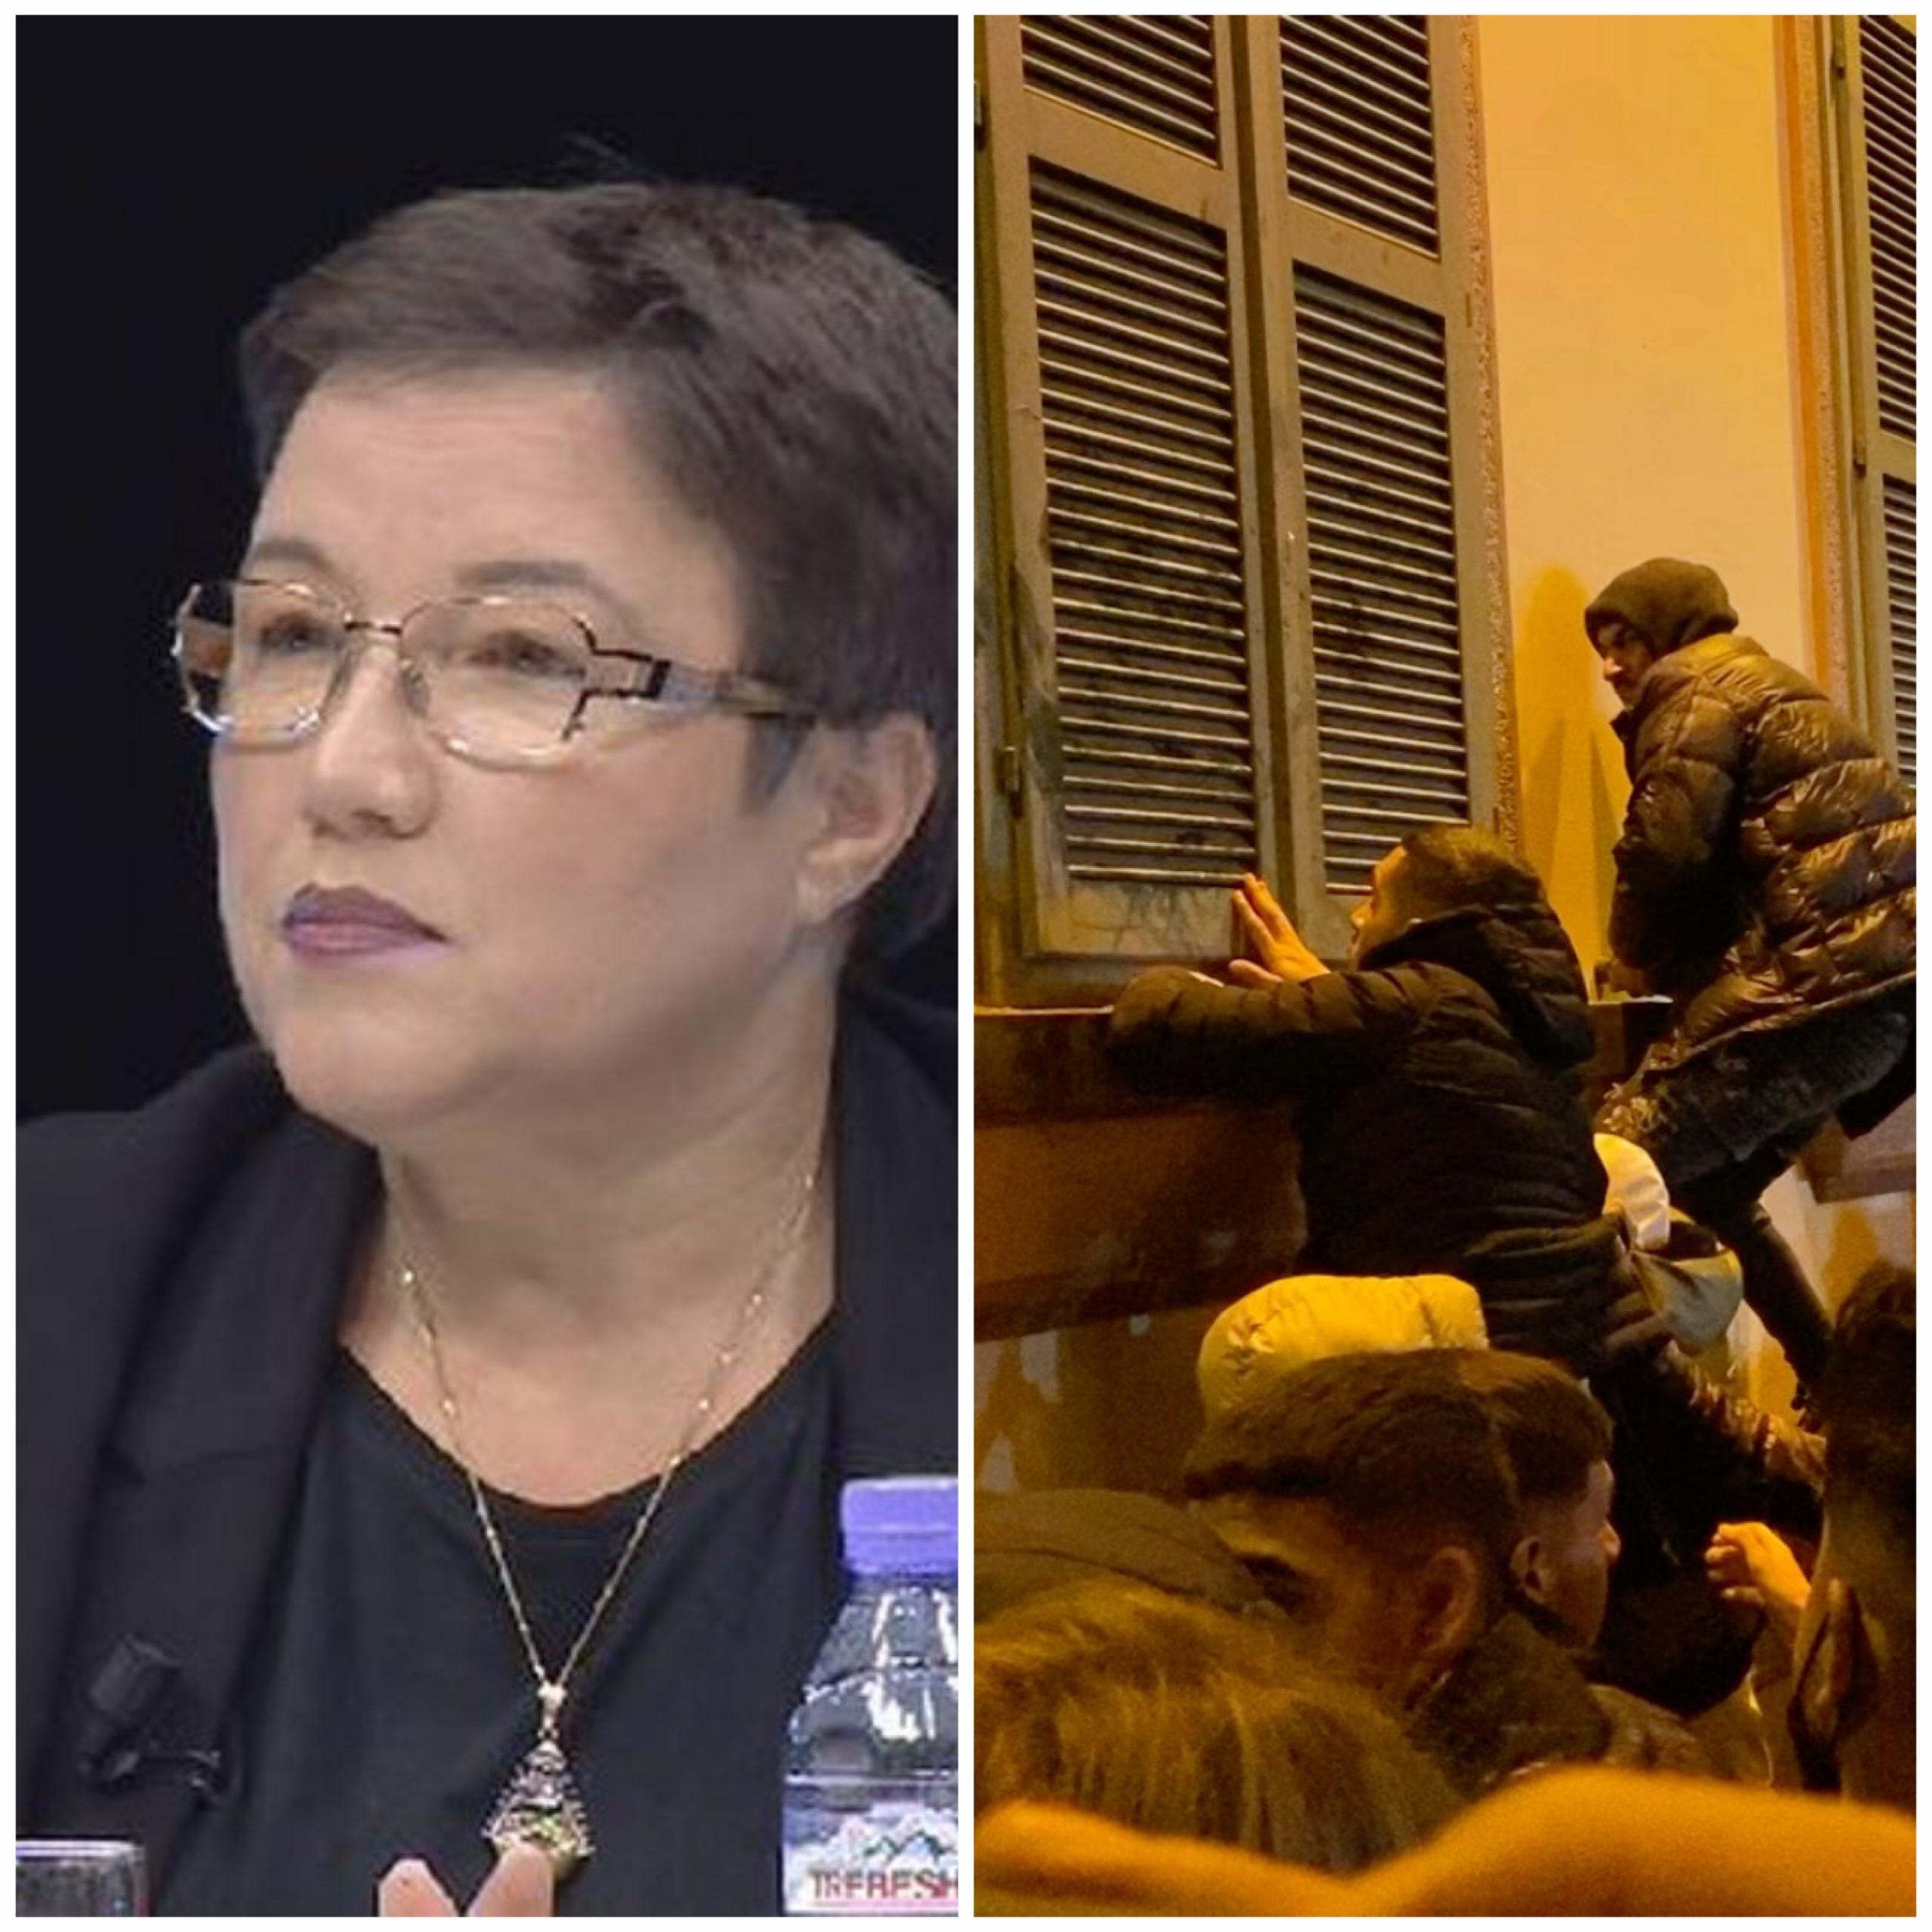 Aktivistja del kundër protestës për Klodian Rashën: Është çadër politike! Këto tragjedi ndodhin edhe në Francë dhe Itali..